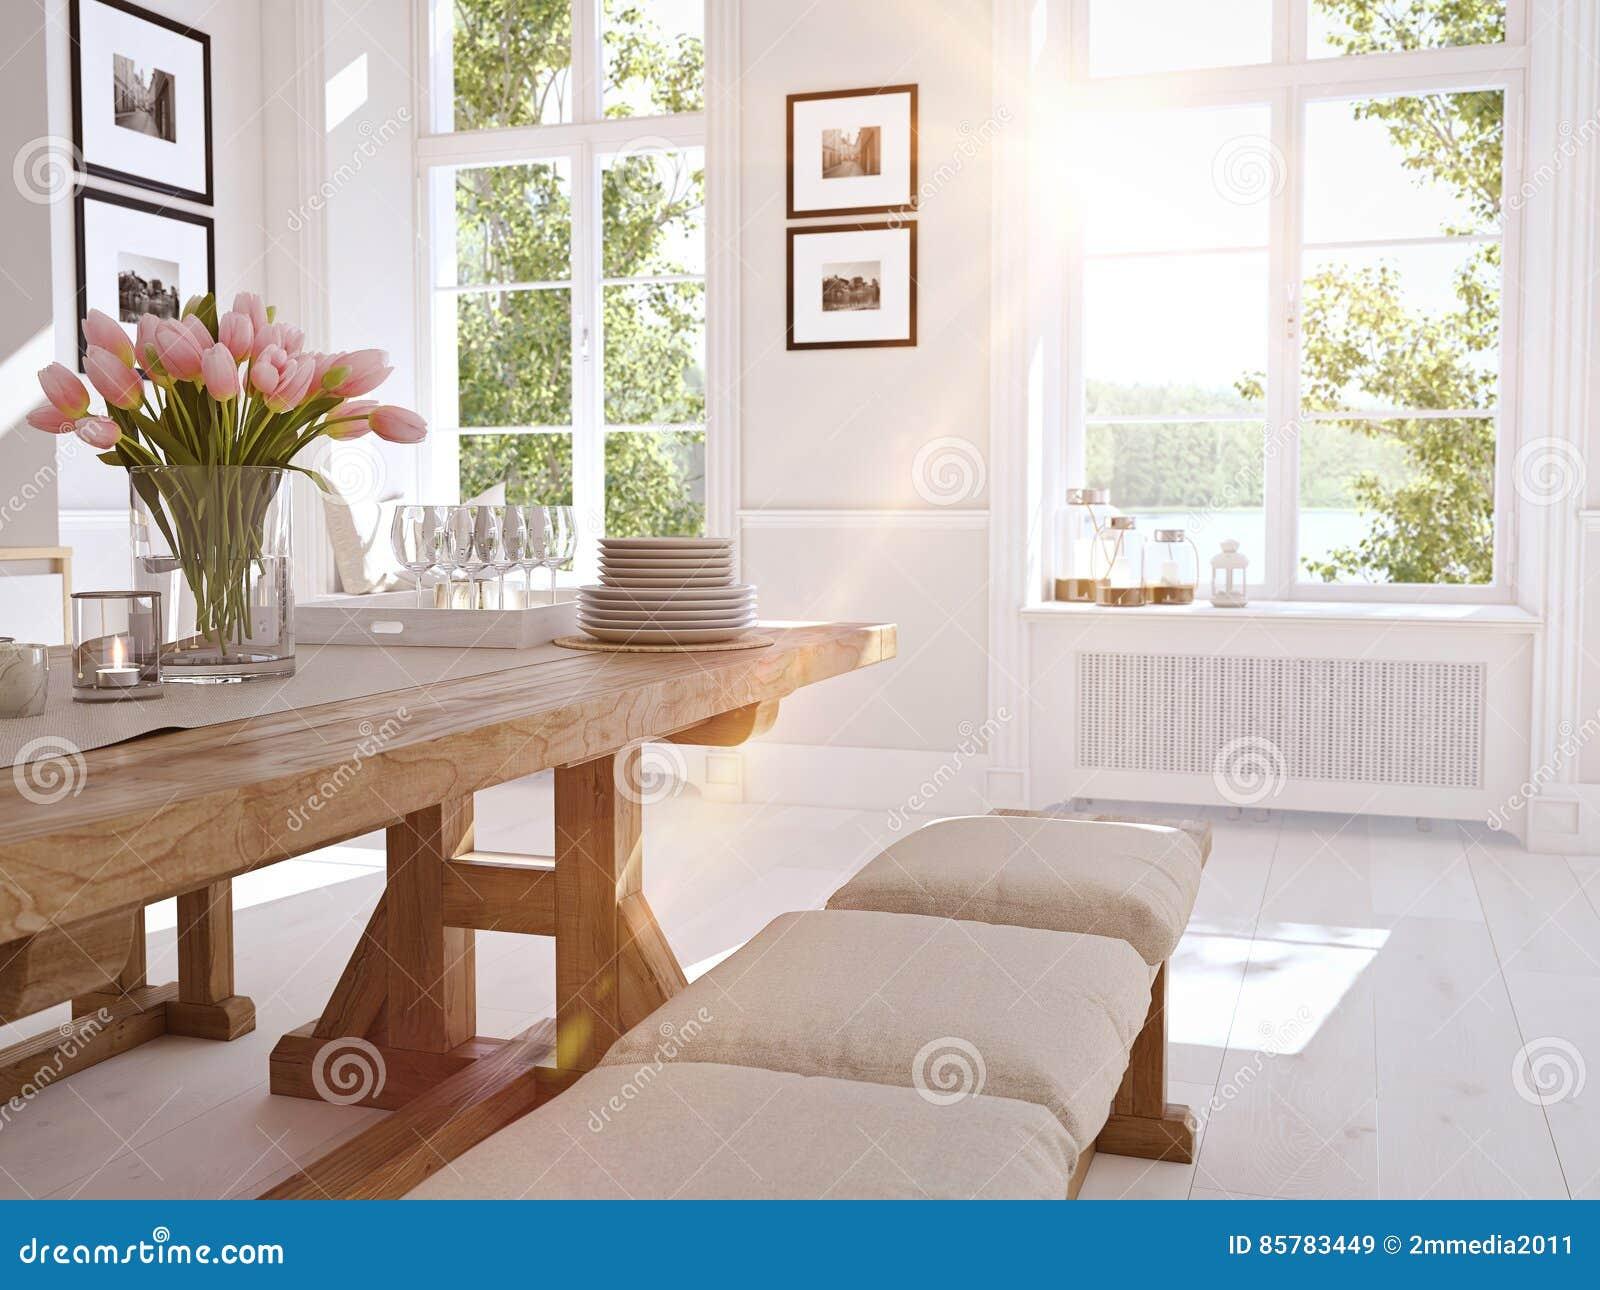 Moderne Nordische Küche In Der Dachbodenwohnung Wiedergabe 3d ...